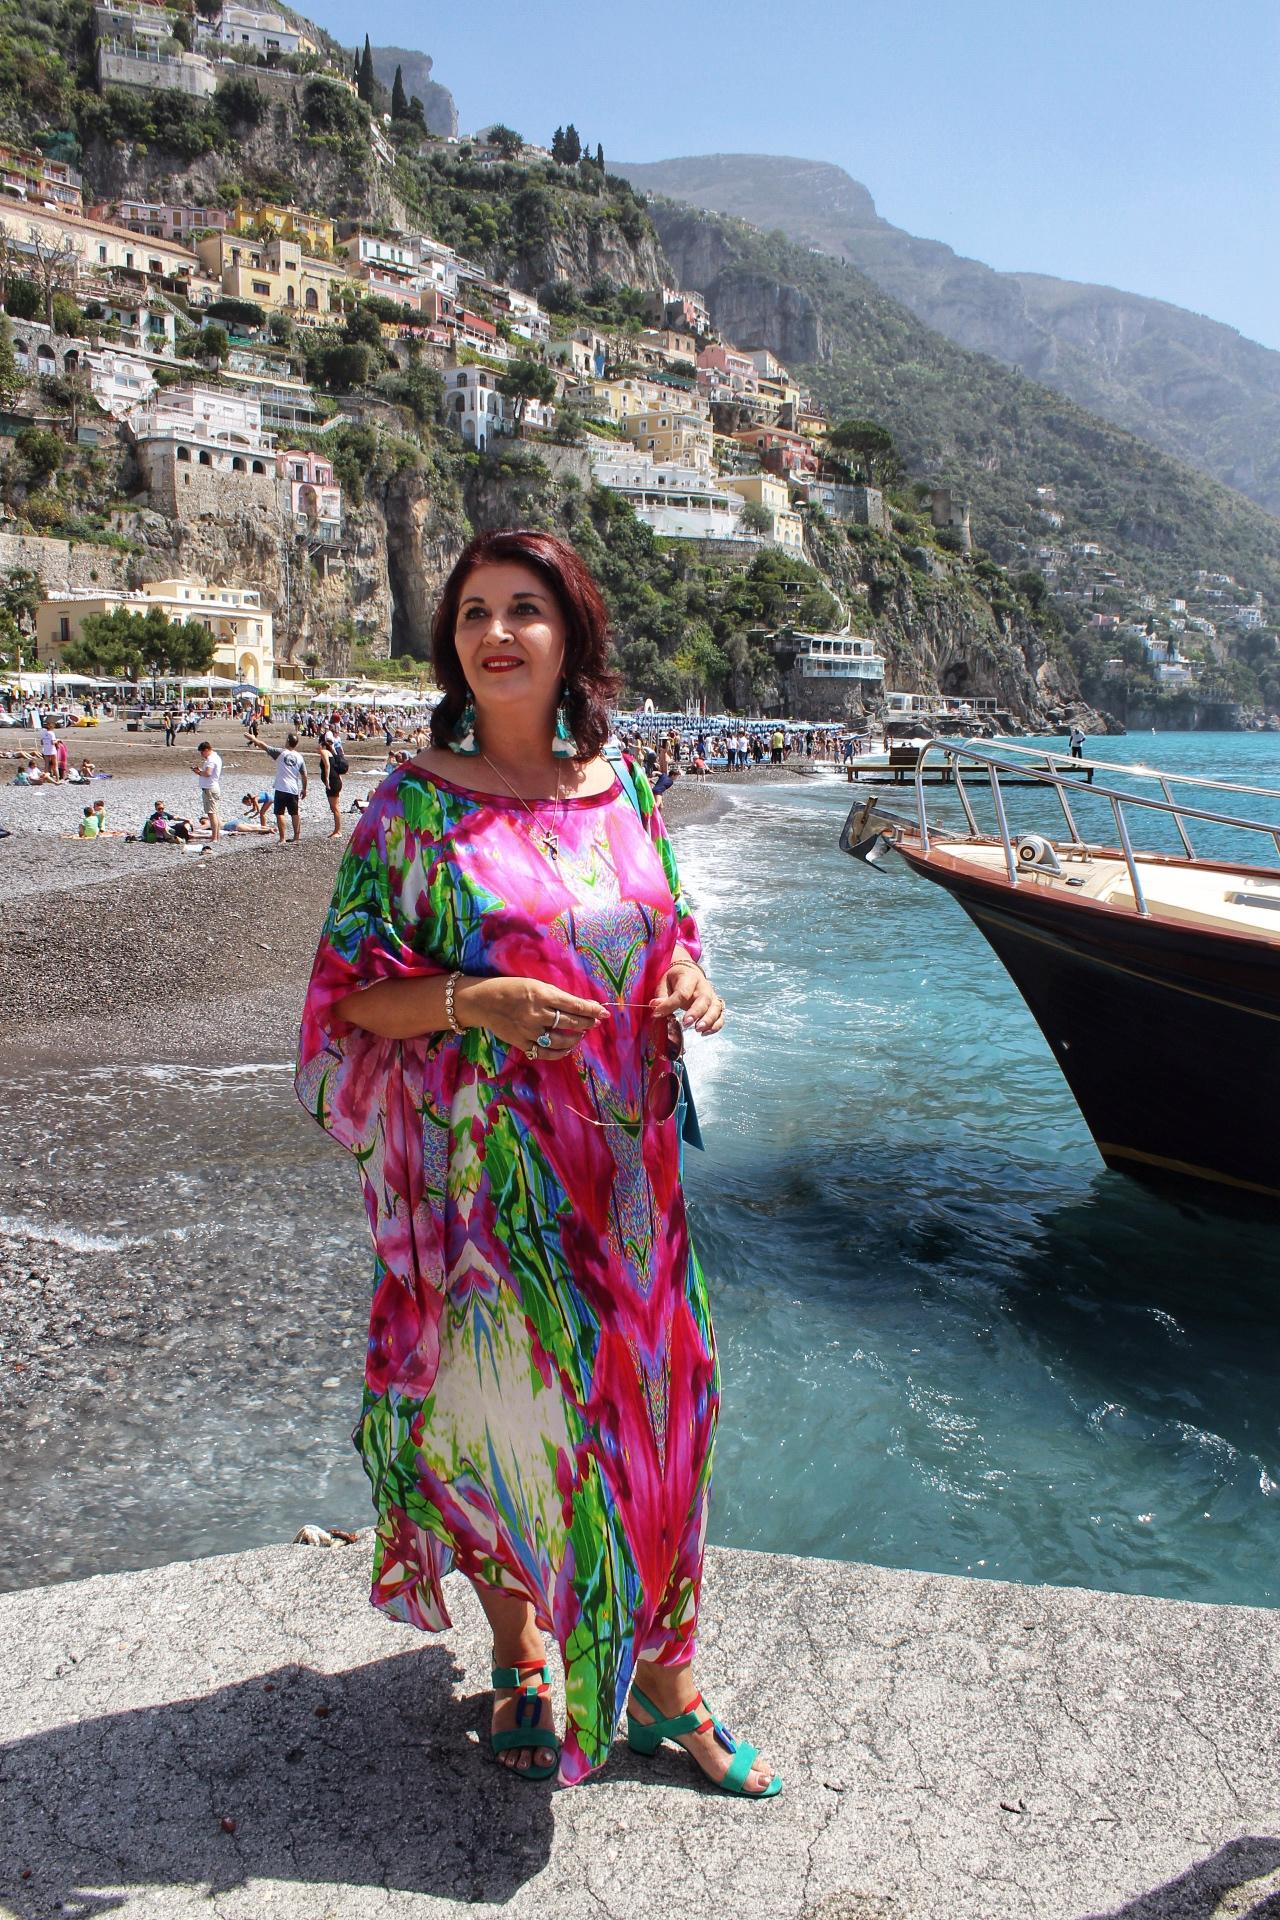 Styled by Mira-Maya. Photo by Vegemite Spaghetti. Positano, Amalfi Coast